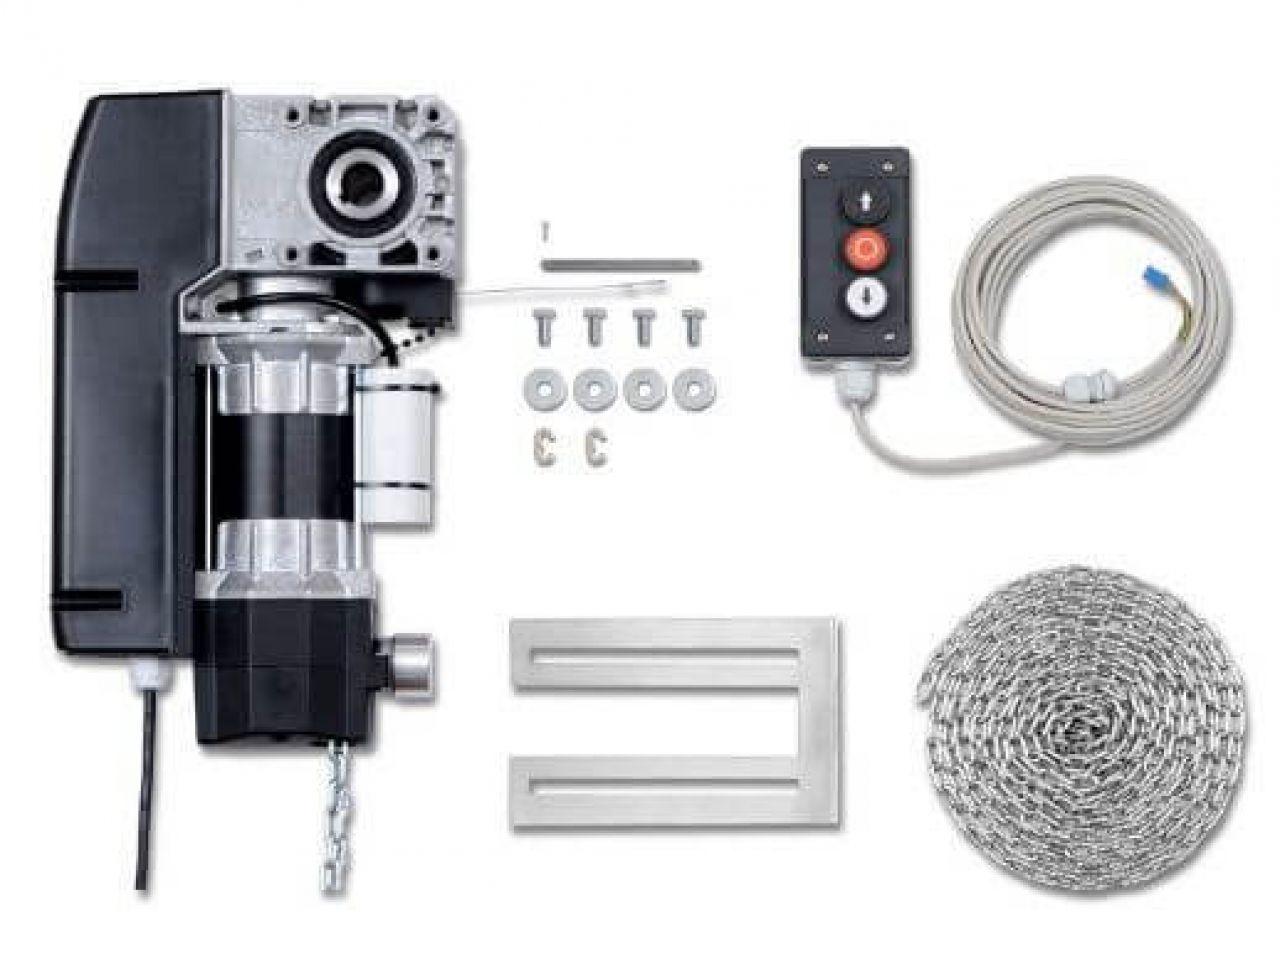 Комплект автоматики для промышленных ворот Marantec STAWC1-7-19 KE 230V/1PH (105105)